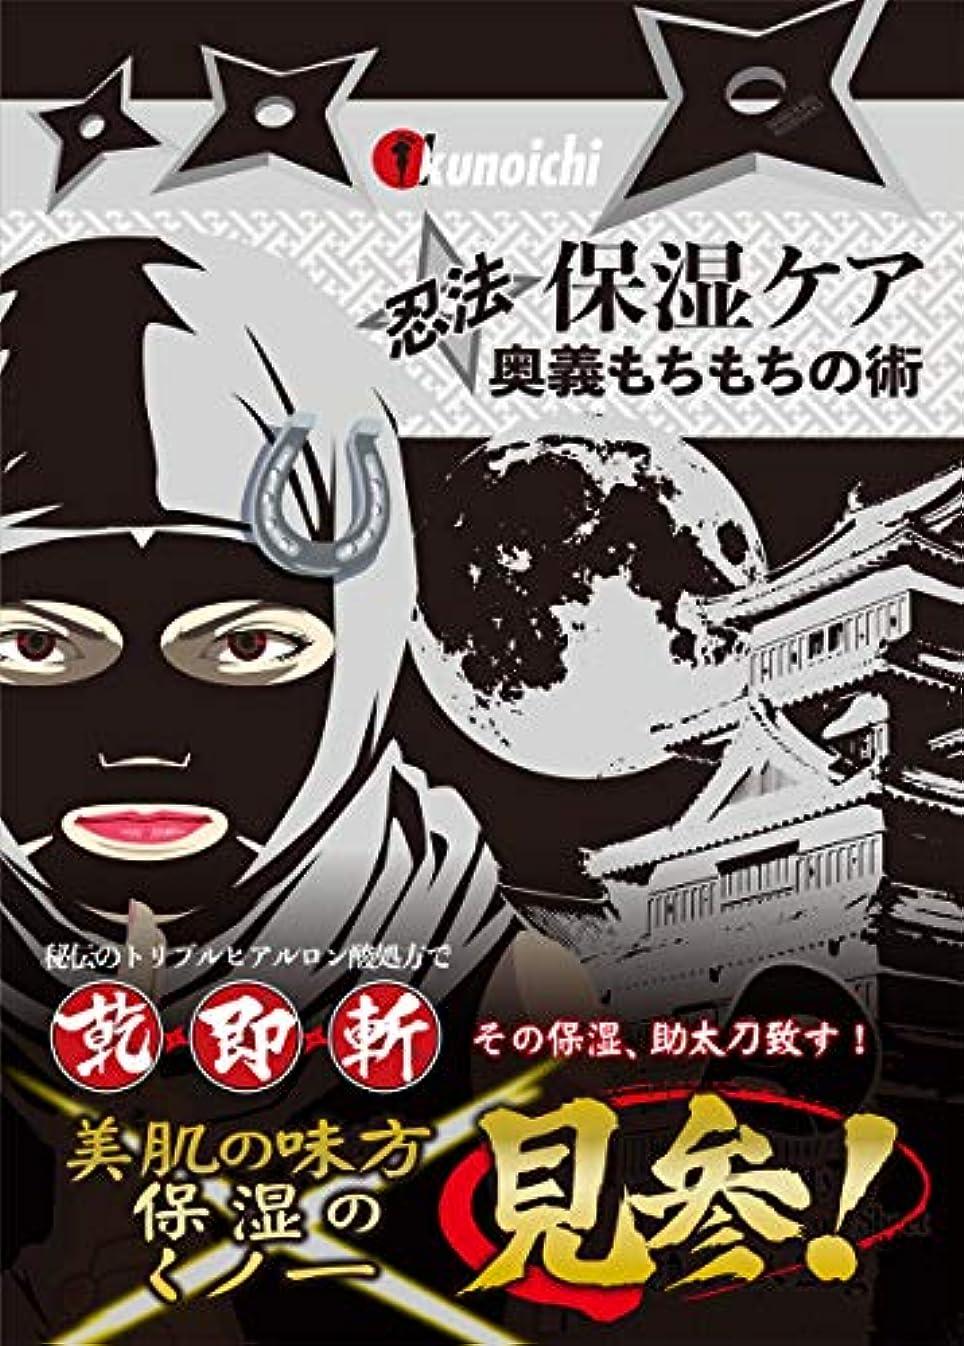 精神セブン分類するKUNOICHI(クノイチ) SNNKフェイスマスクHL フェイスパック 25g/10枚入り+おまけ1枚